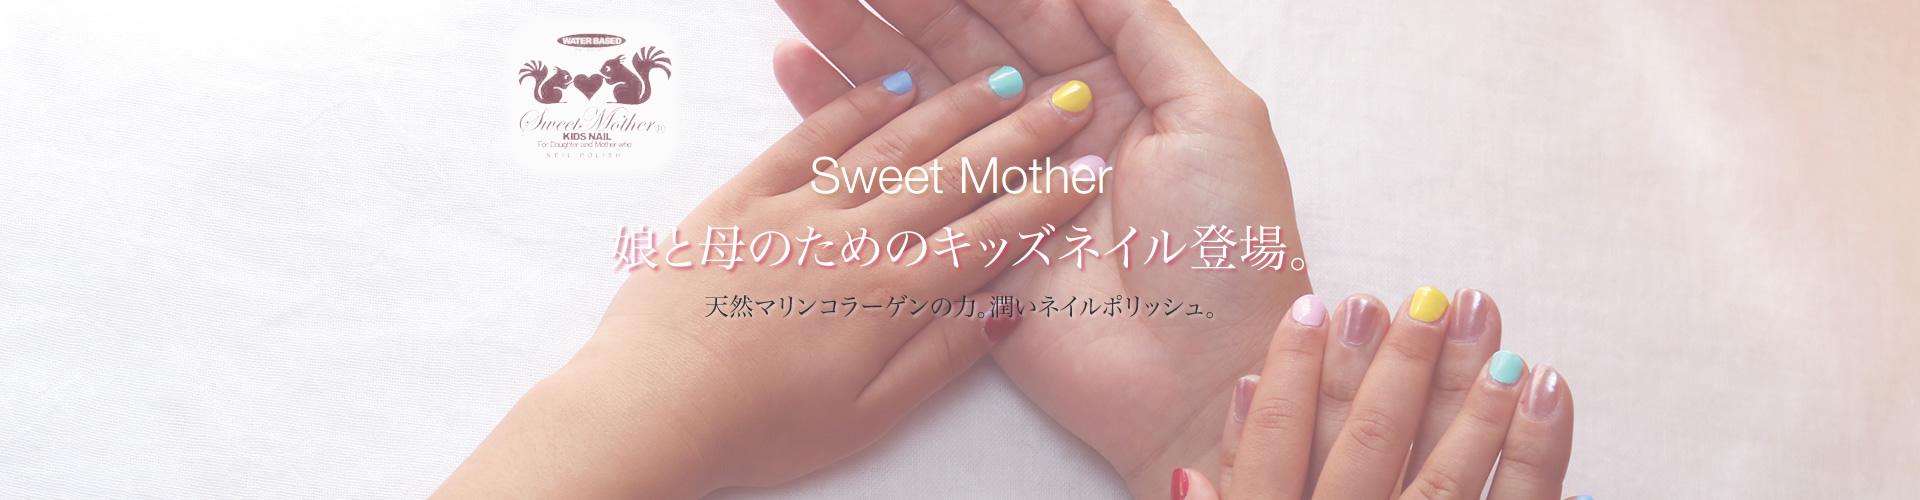 Sweet Mother娘と母のためのキッズネイル登場。